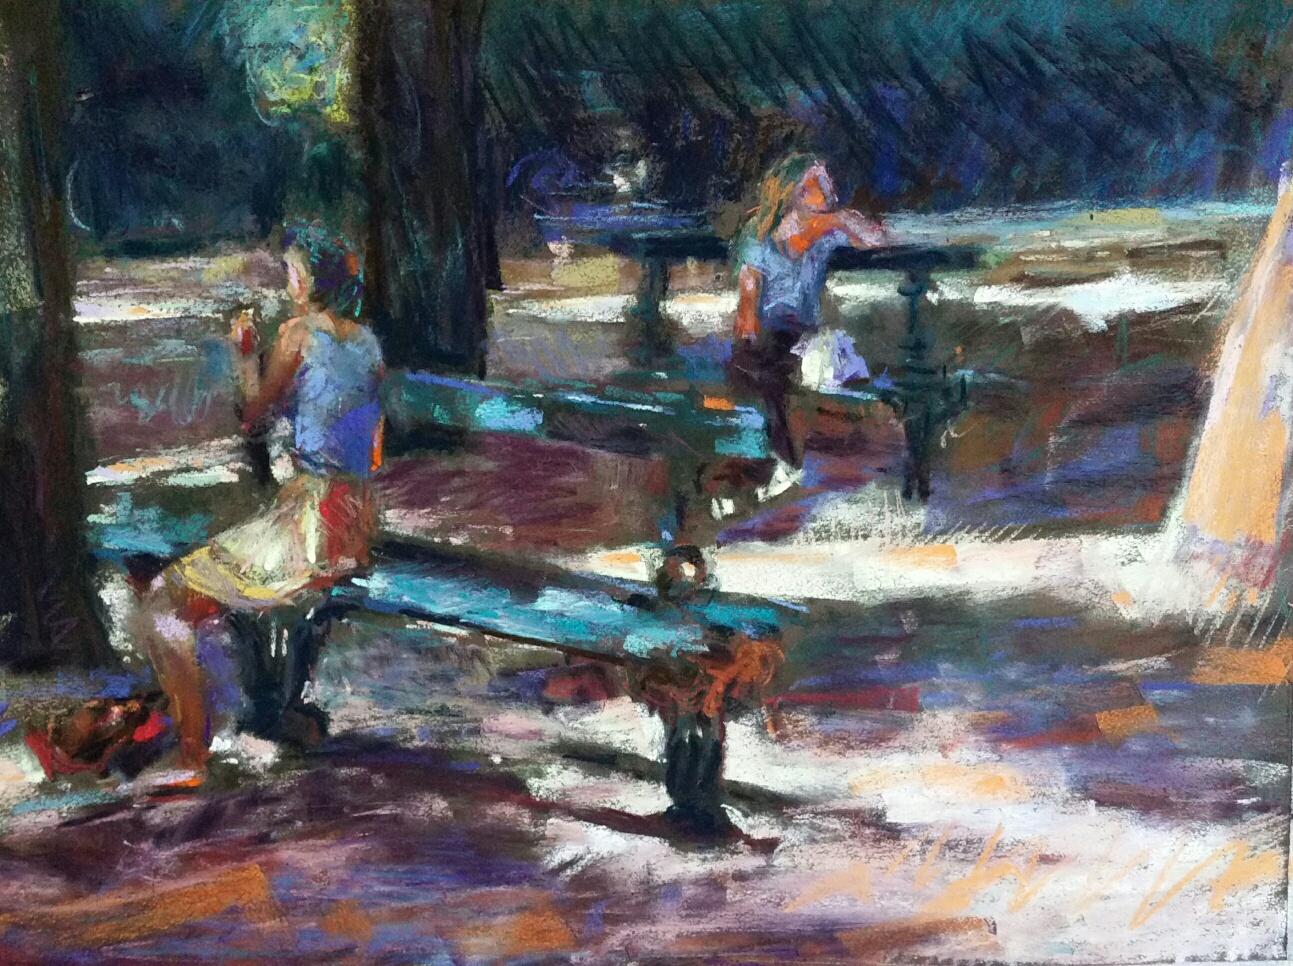 La fraîcheur du parc